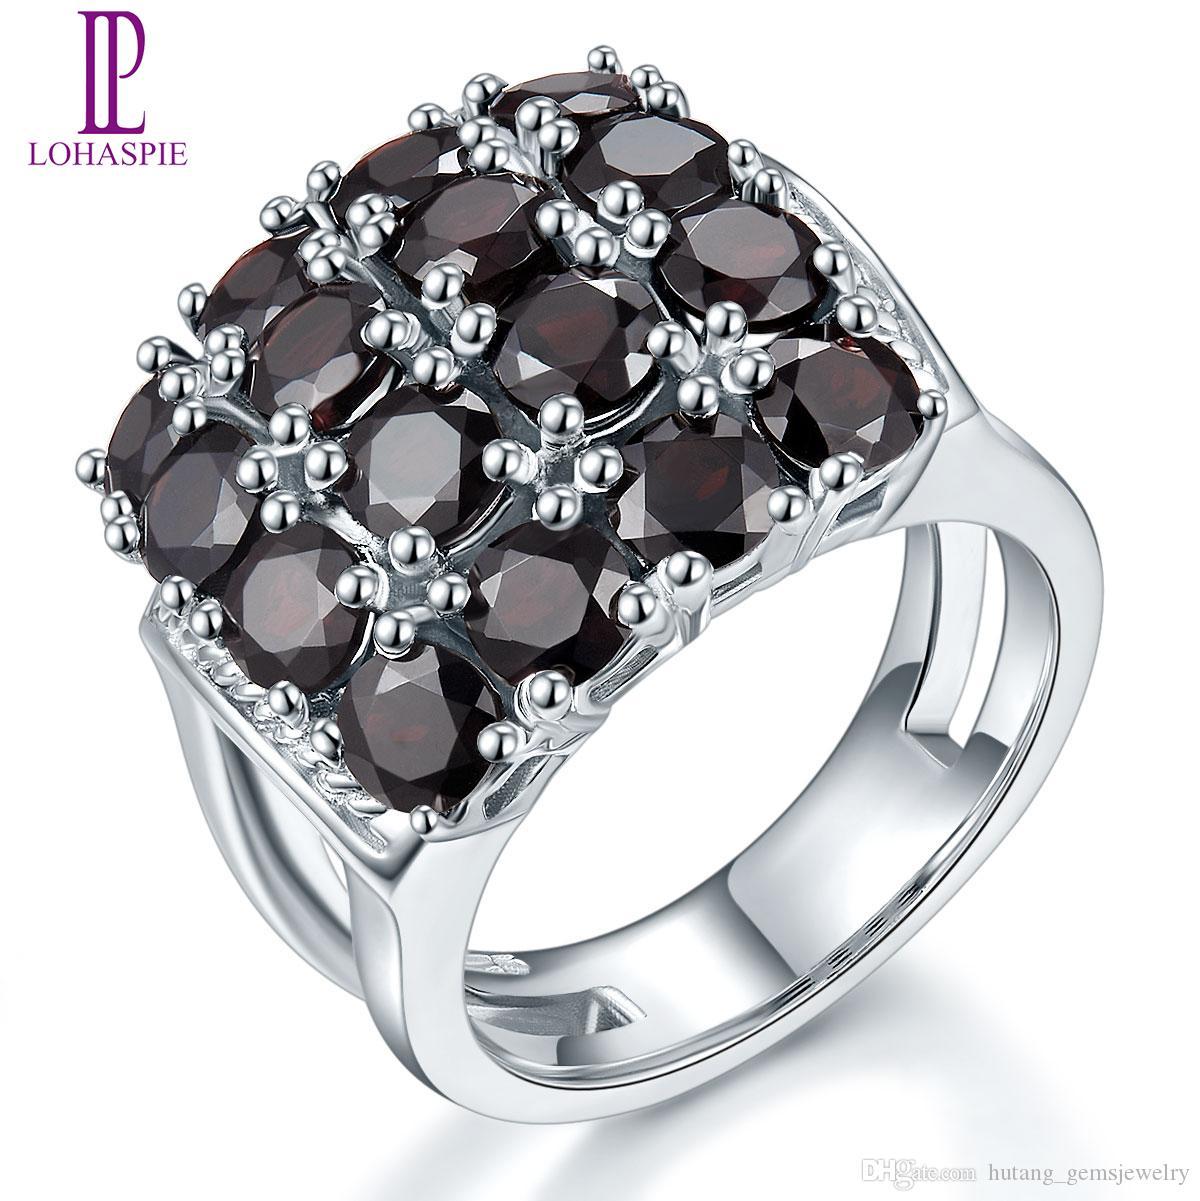 خواتم الخطبة للمرأة هدية 5.6ct جولة 4MM الأسود الطبيعي العقيق الصلبة المجوهرات 925 فضة العنقودية الأحجار الكريمة الجميلة الأزياء حجر